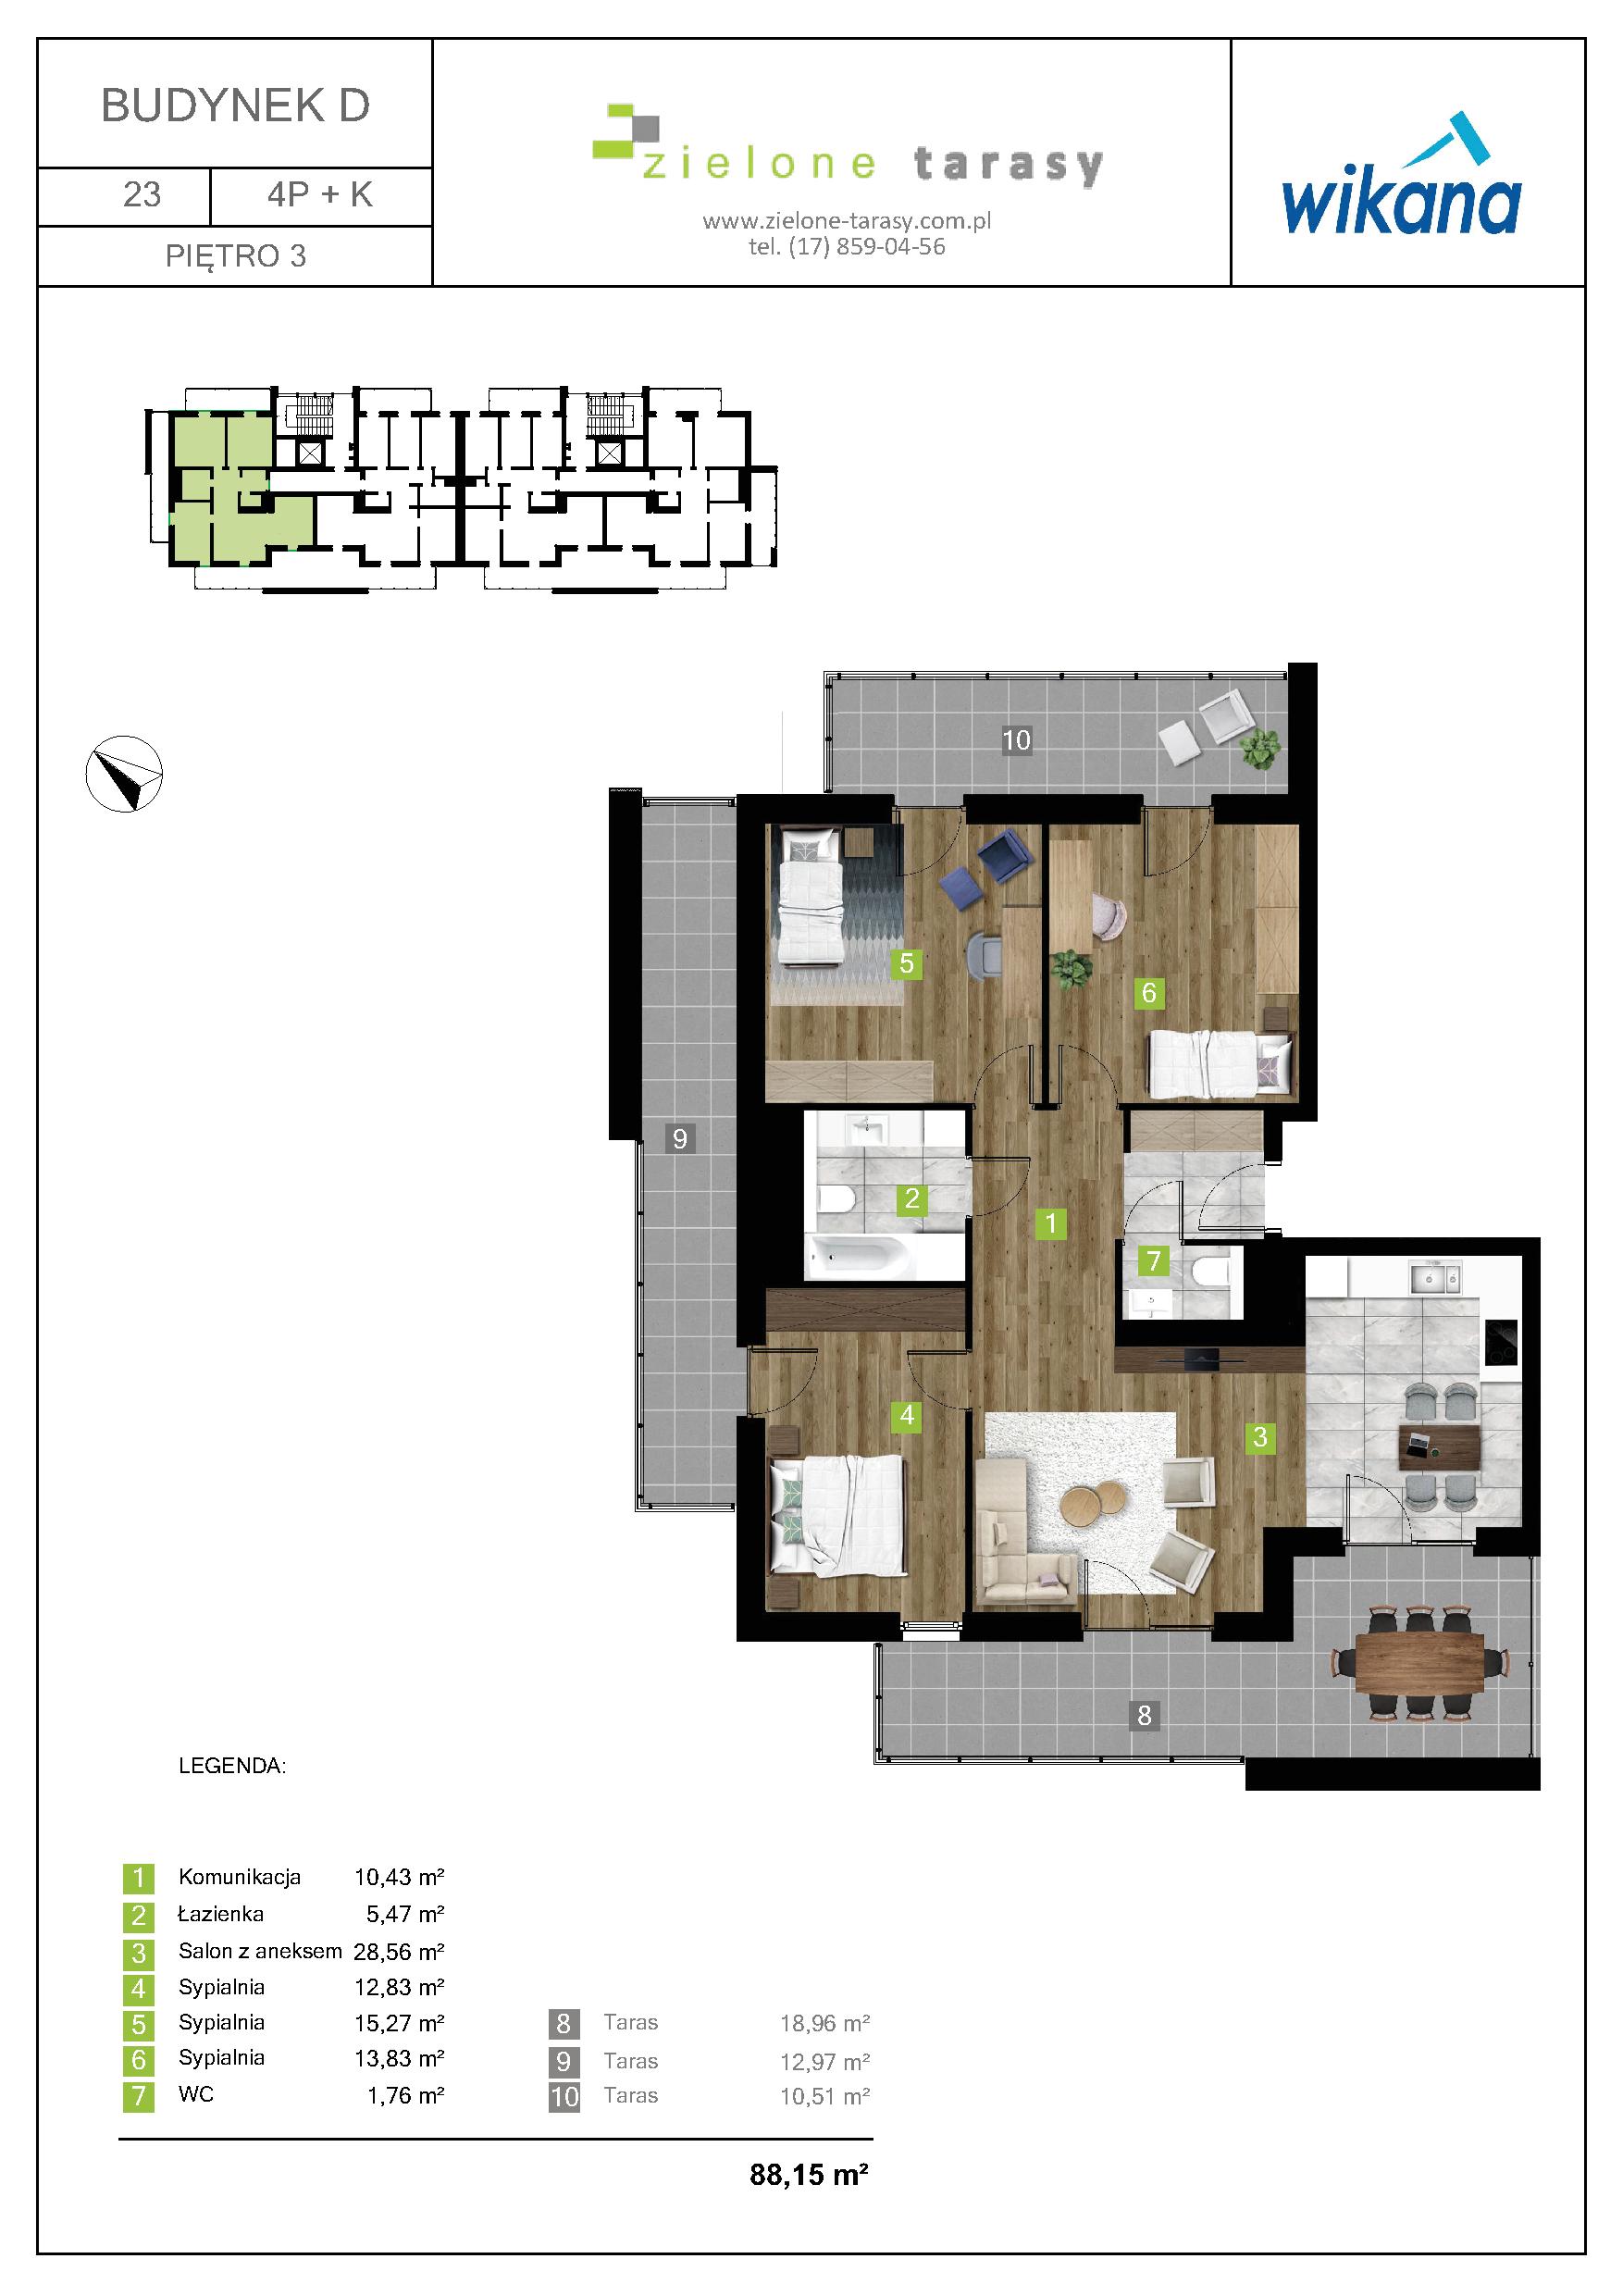 sprzedaż mieszkań rzeszów - D-23